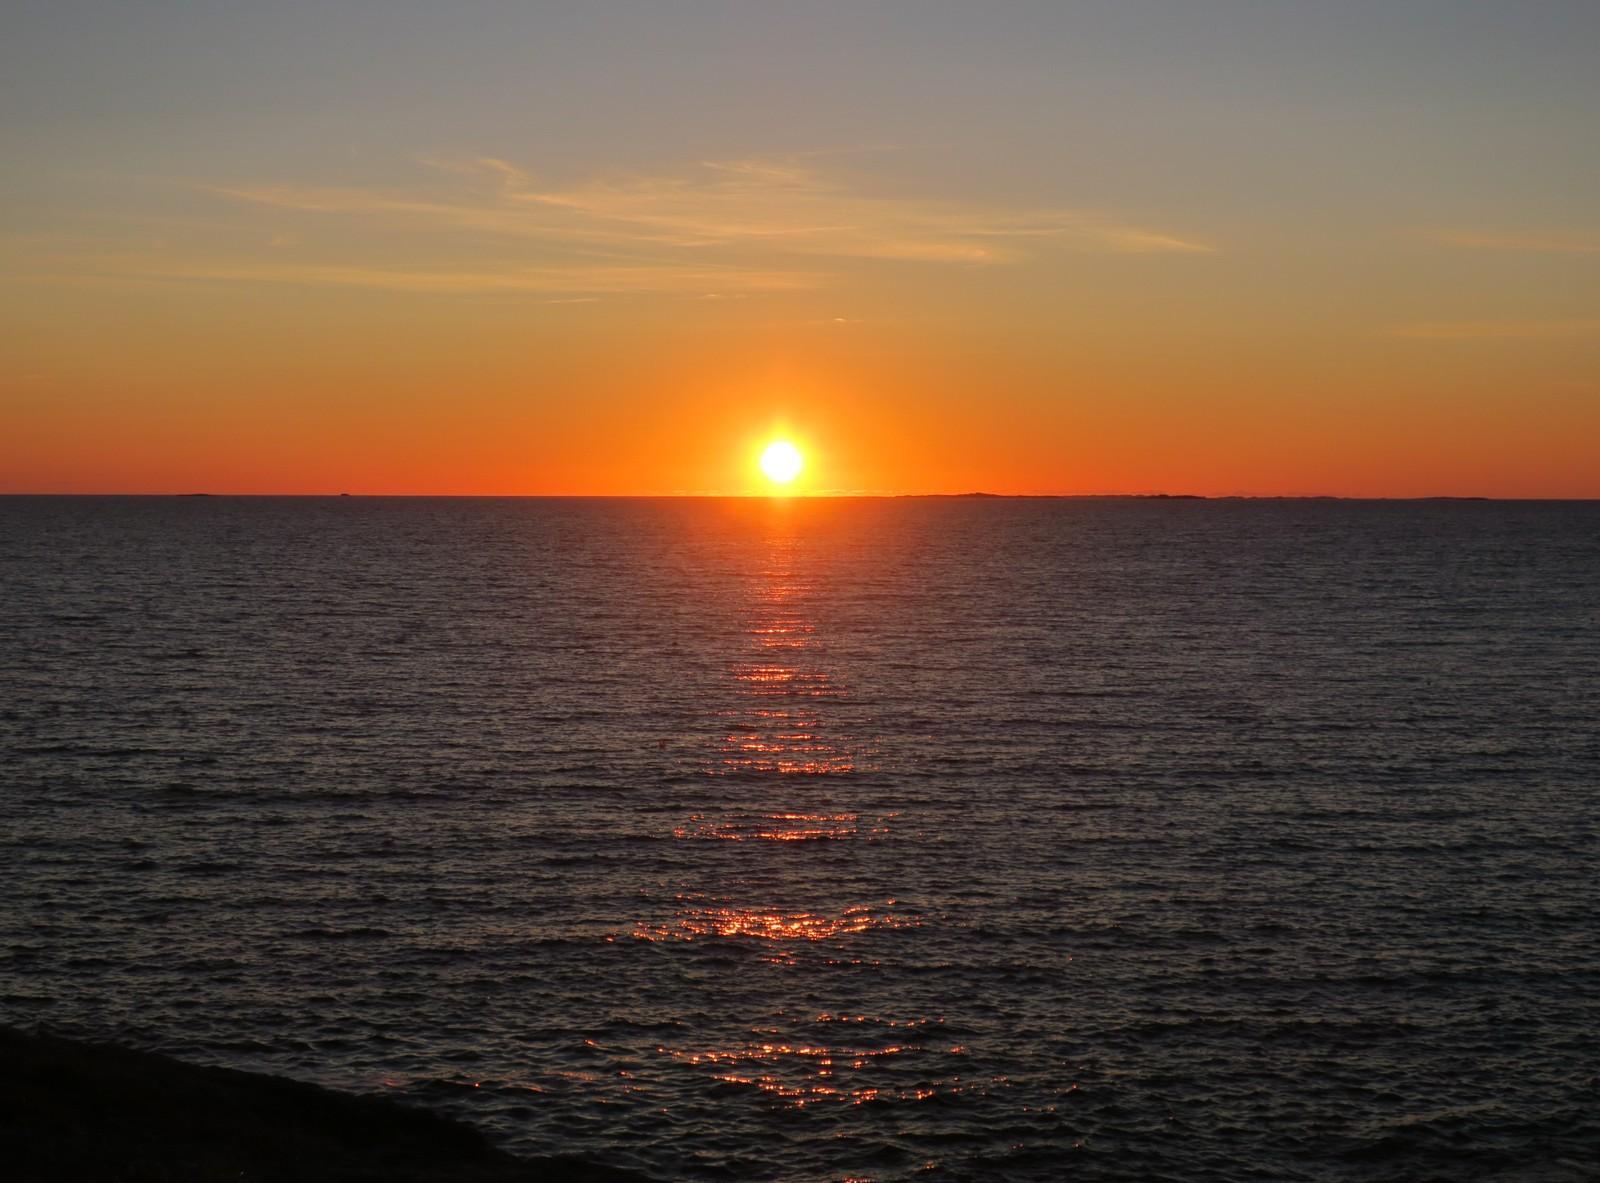 Solnedgangen sett fra Kvernevik i Stavanger.